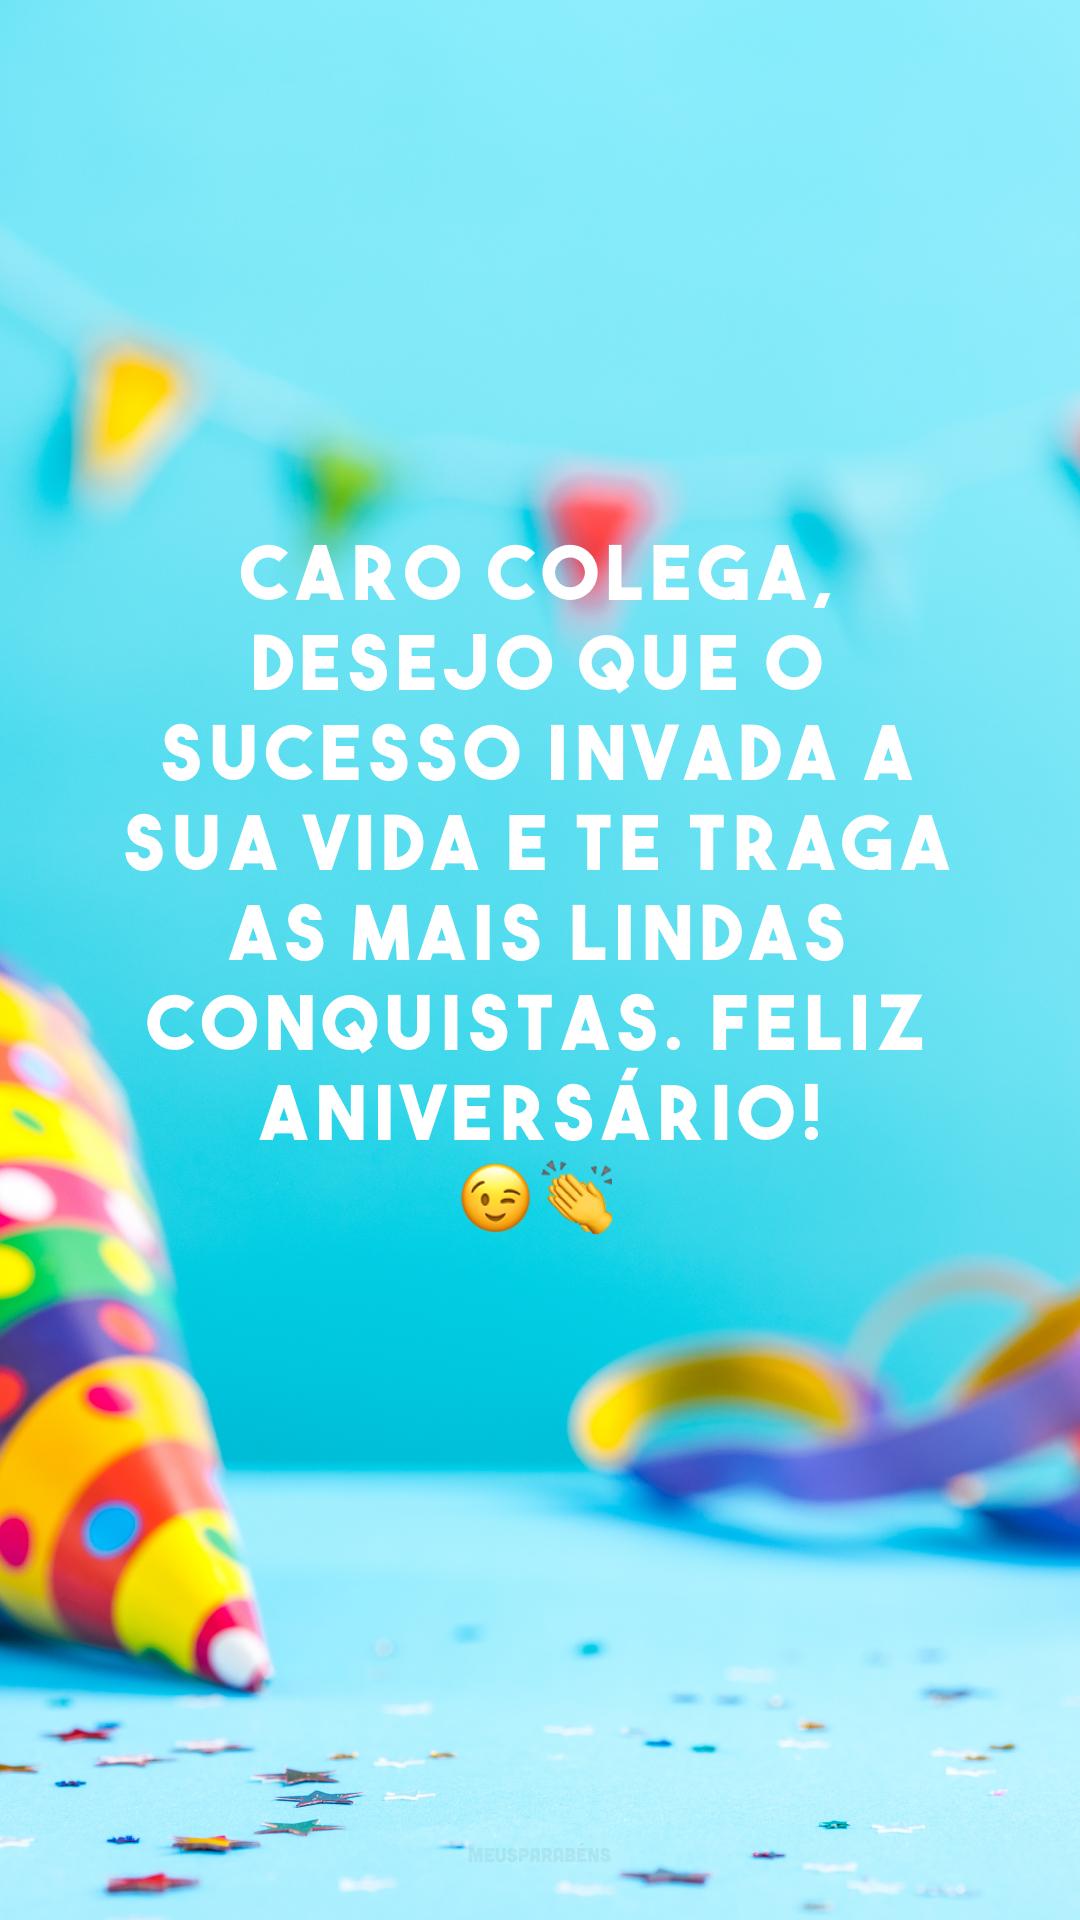 Caro colega, desejo que o sucesso invada a sua vida e te traga as mais lindas conquistas. Feliz aniversário! 😉👏